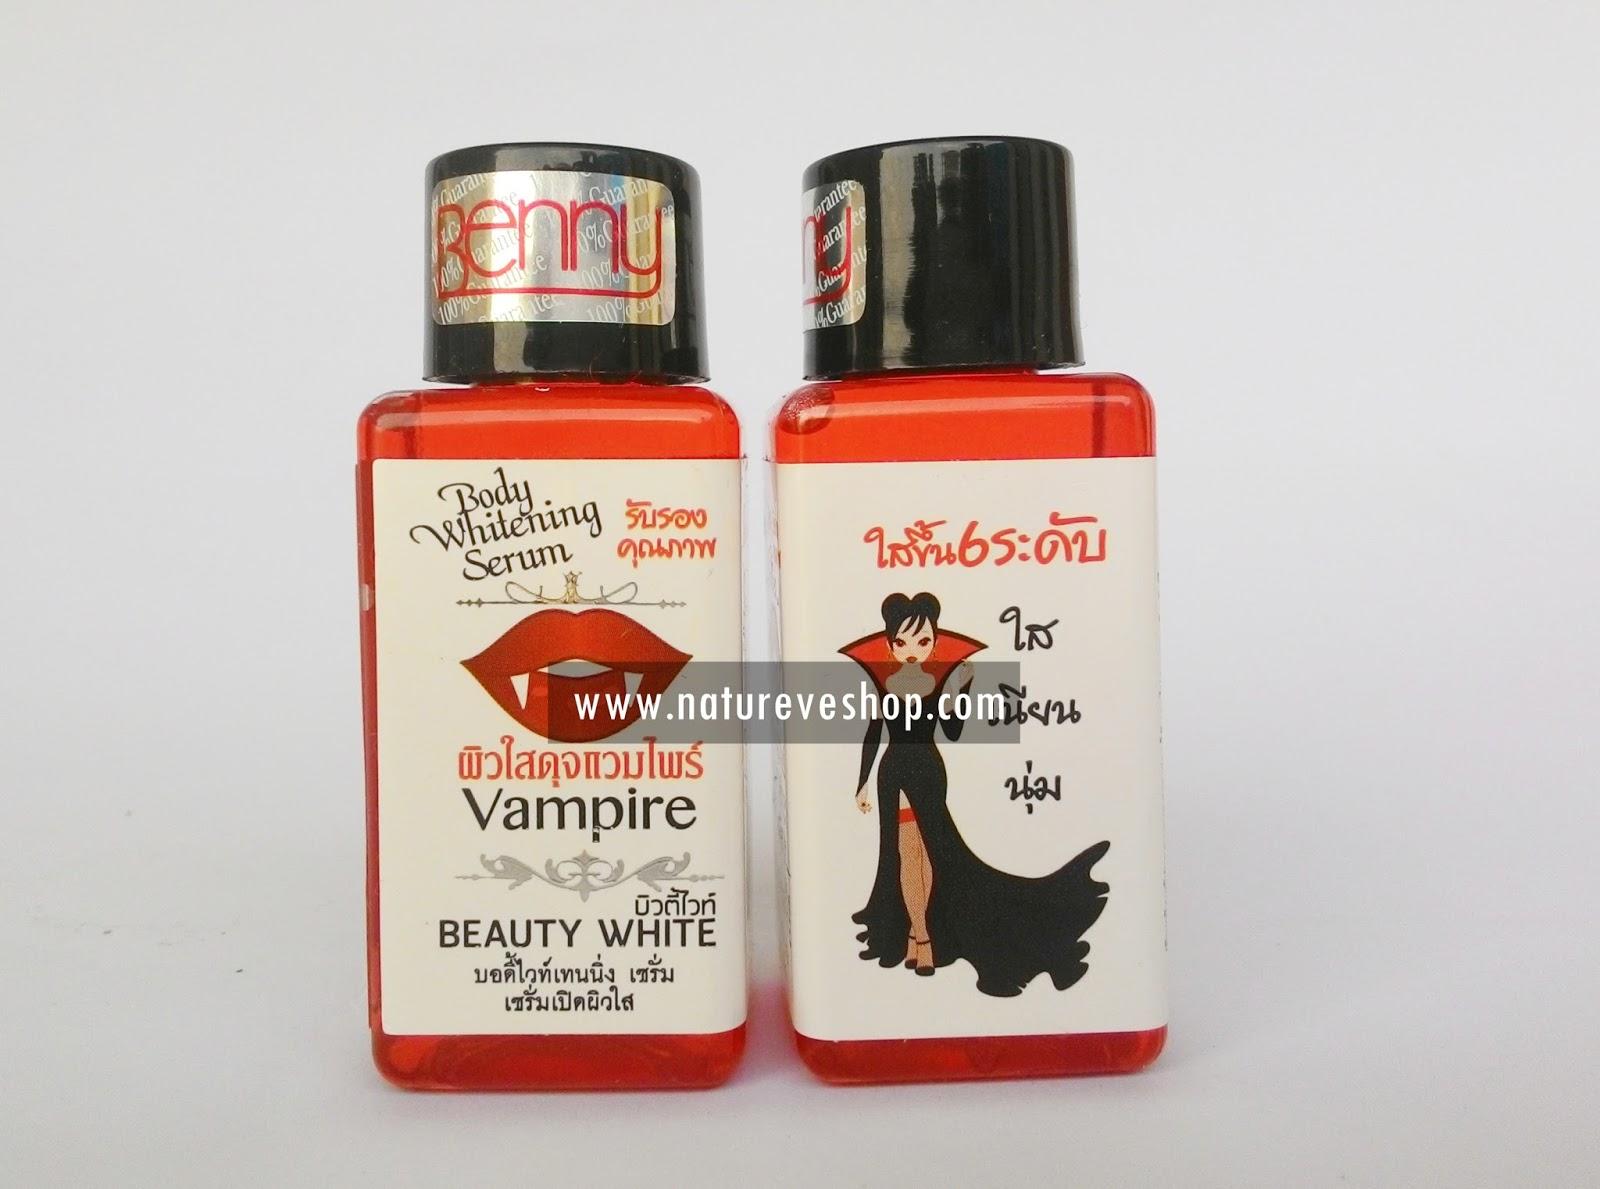 Kulit Putih Bantu Cerahkan dengan Serum Vampire